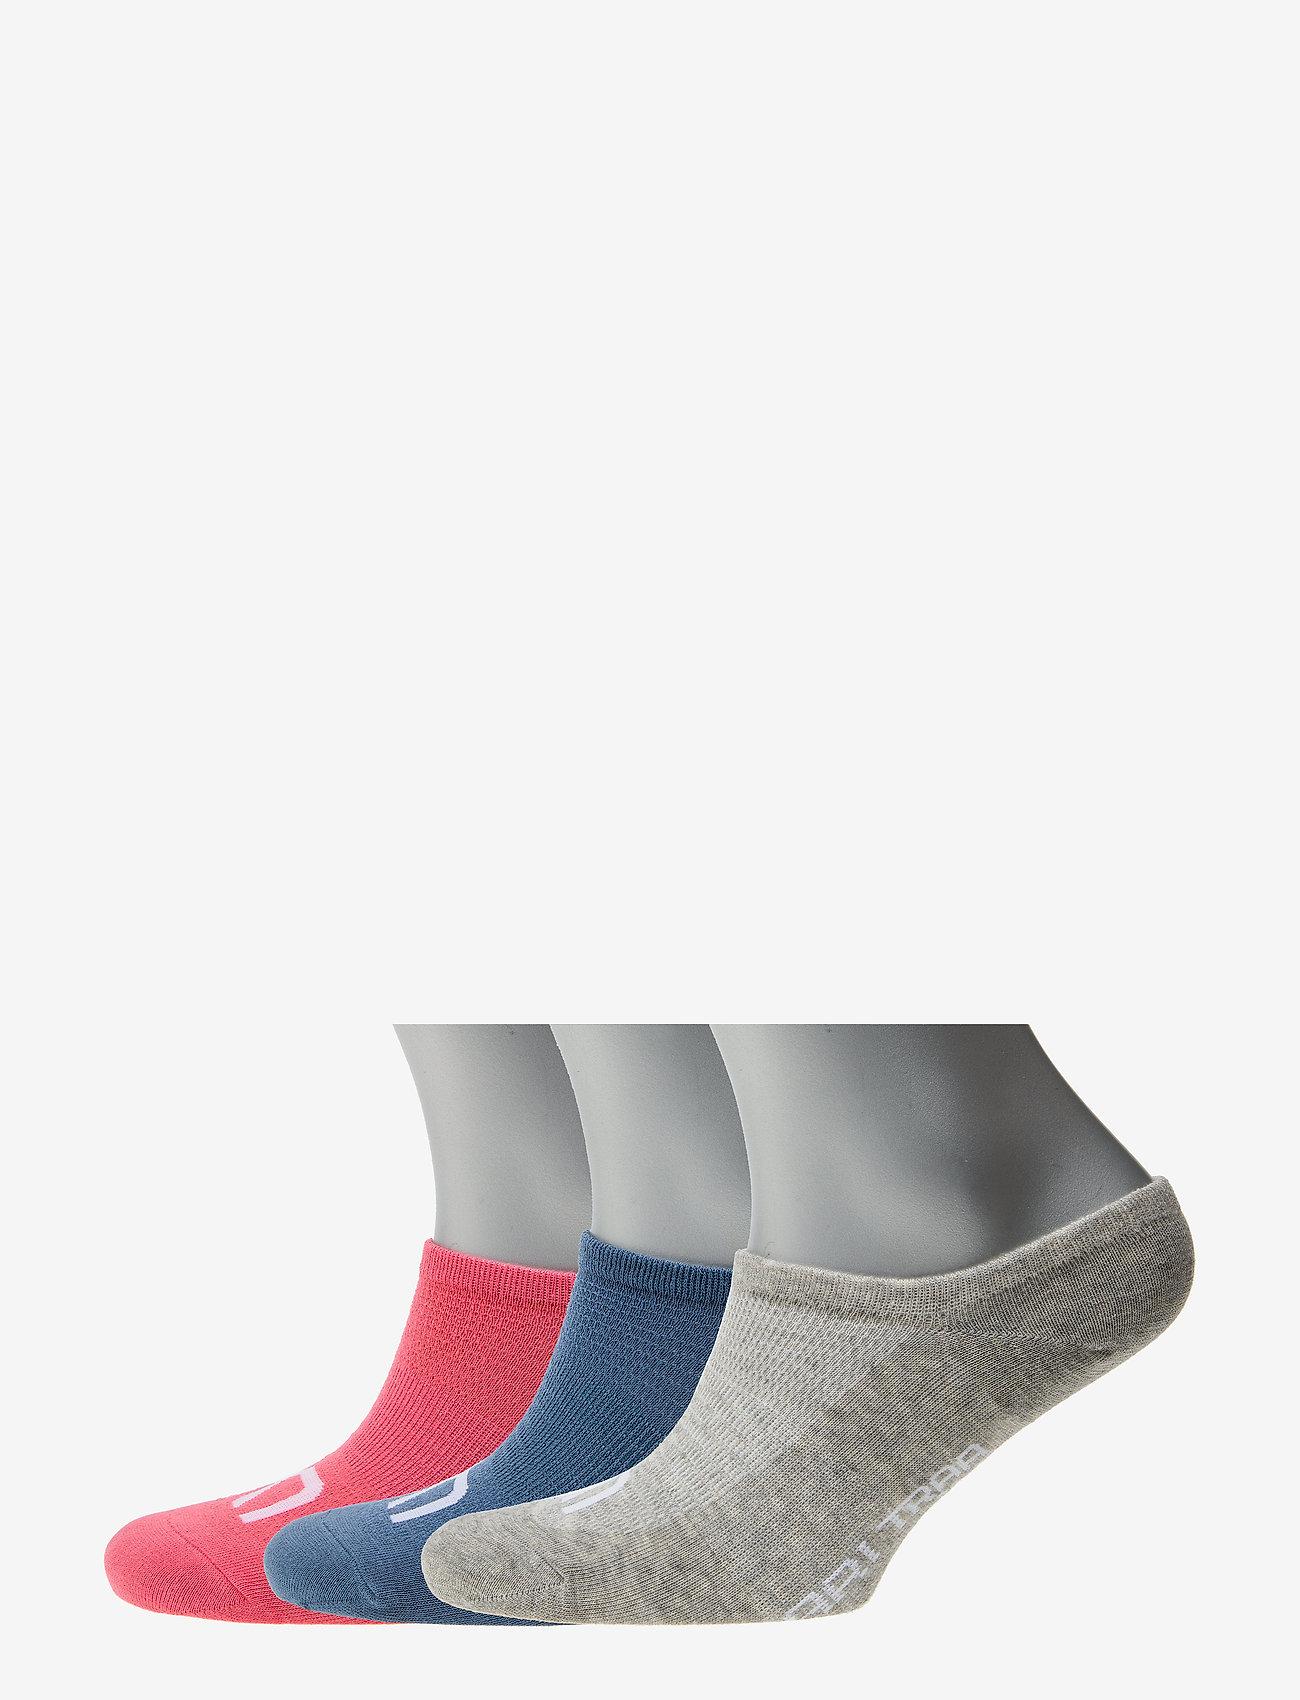 Kari Traa Womens Akle Socks